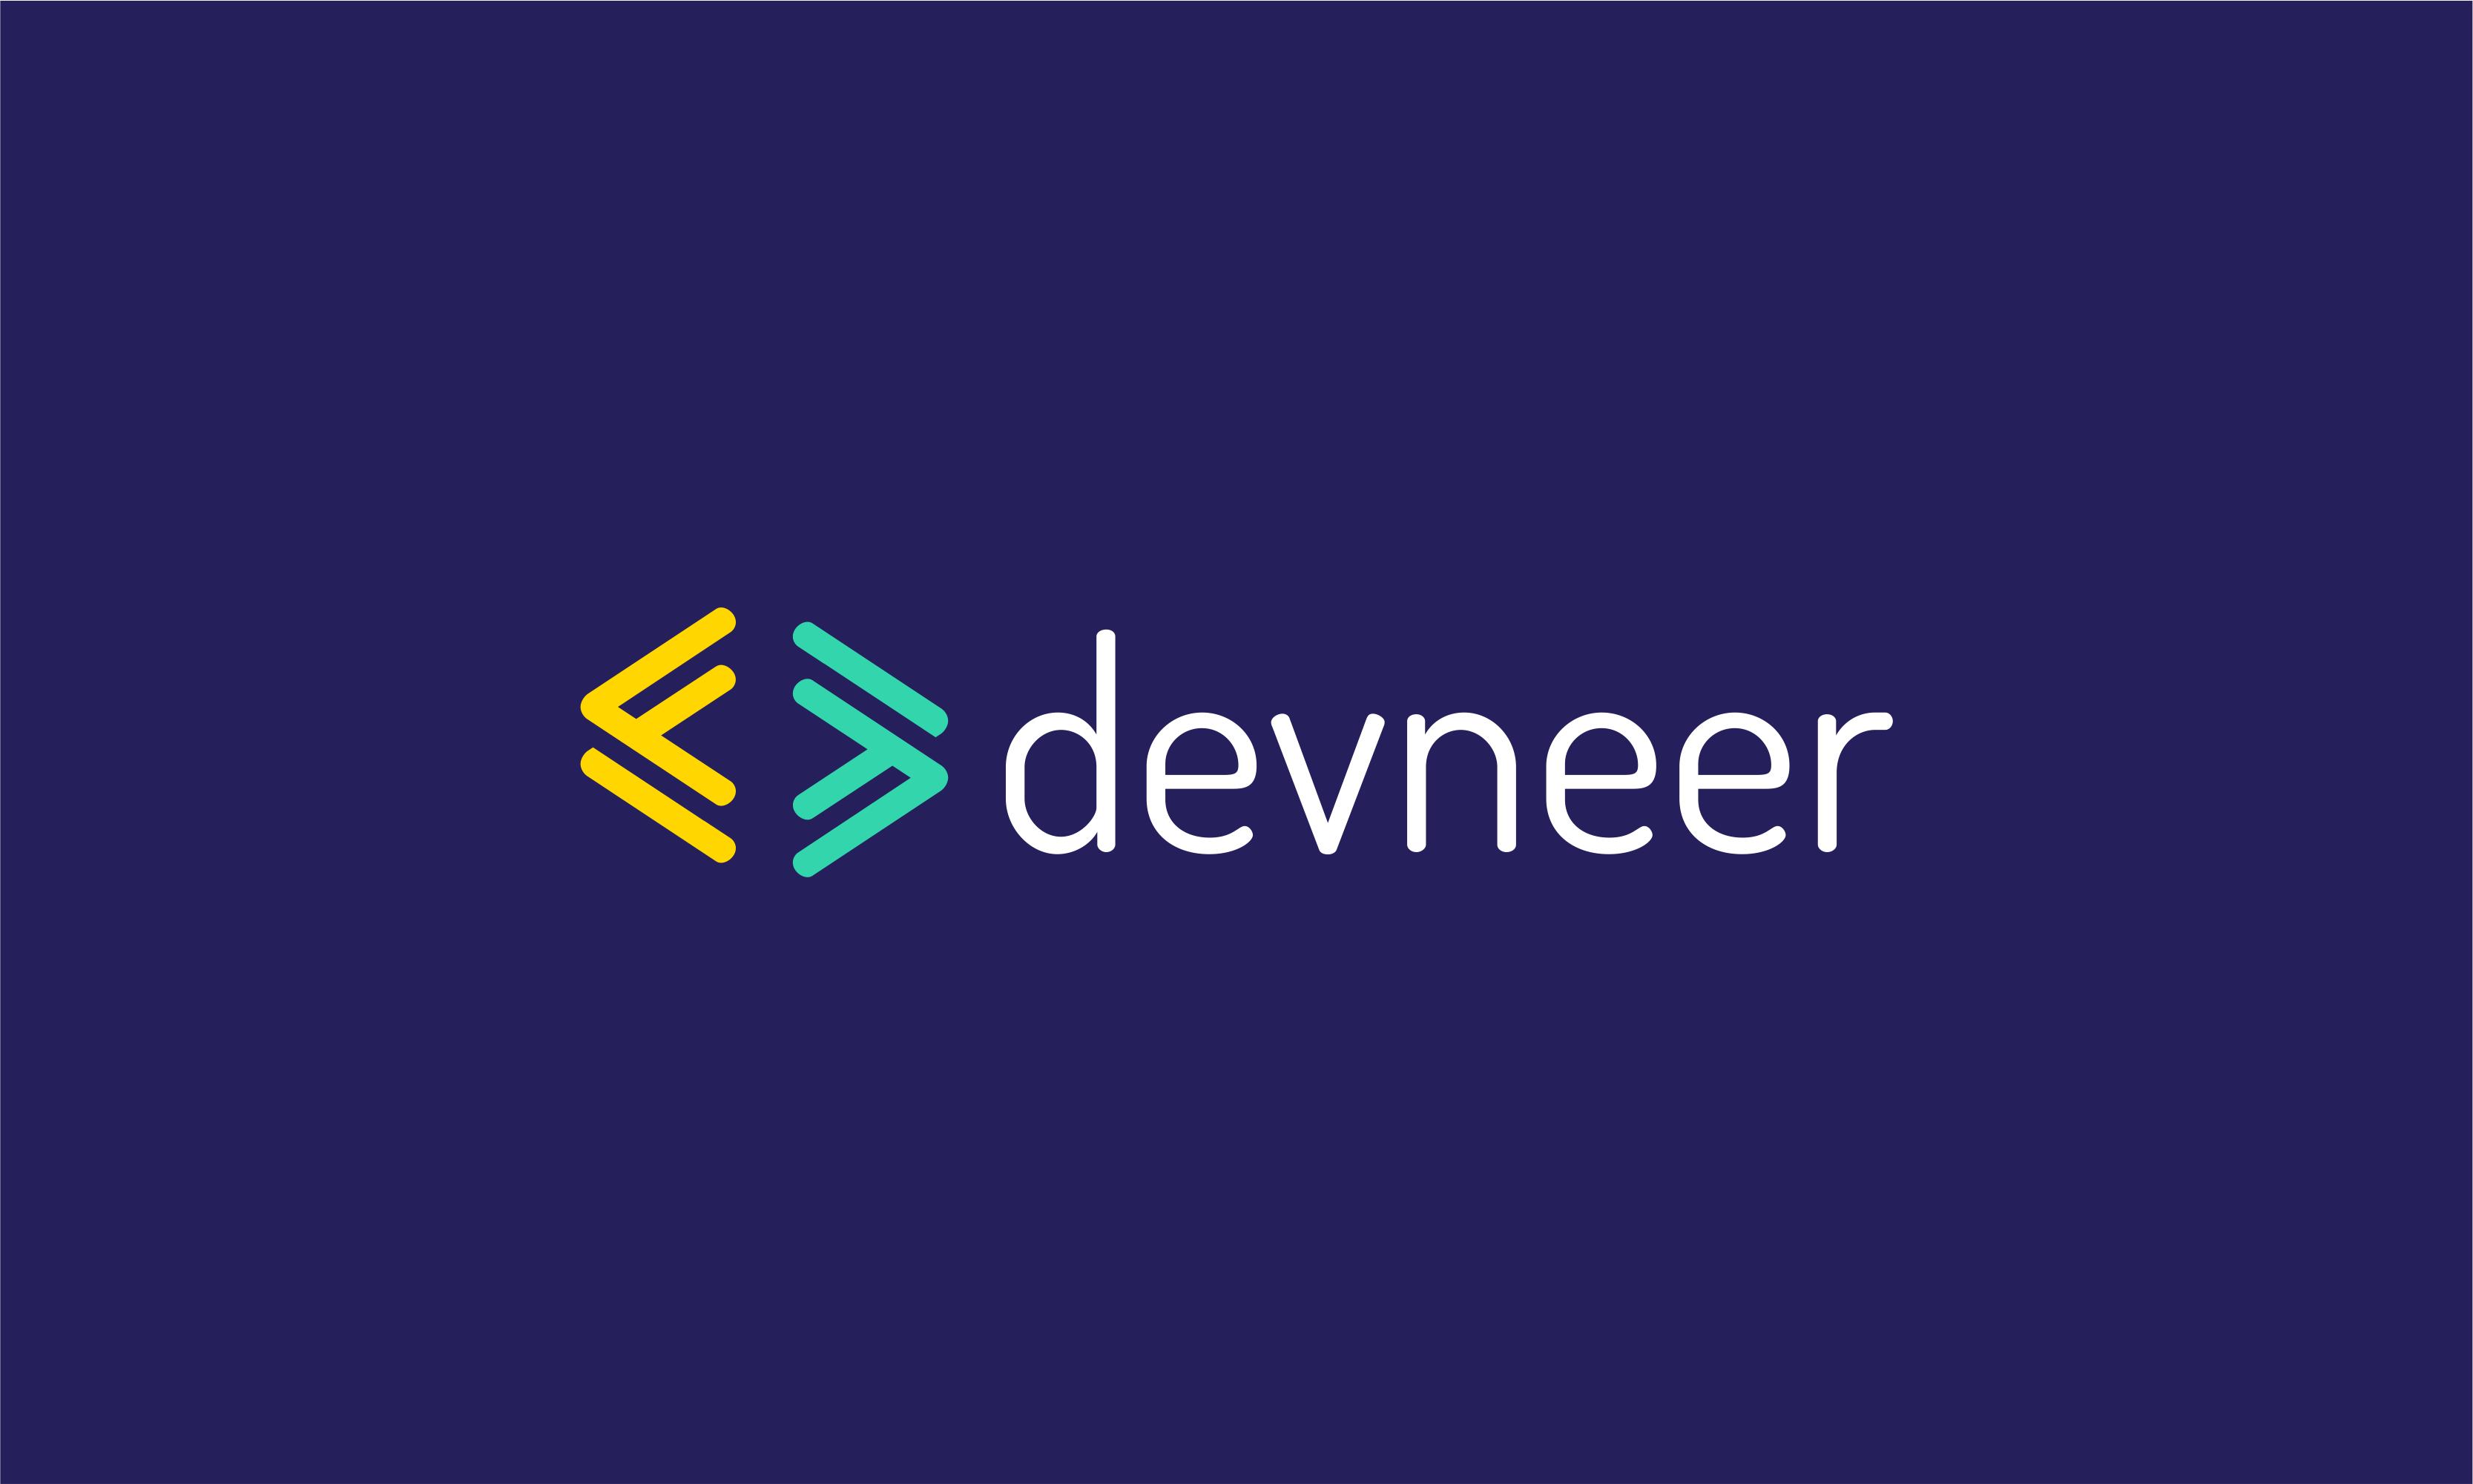 Devneer